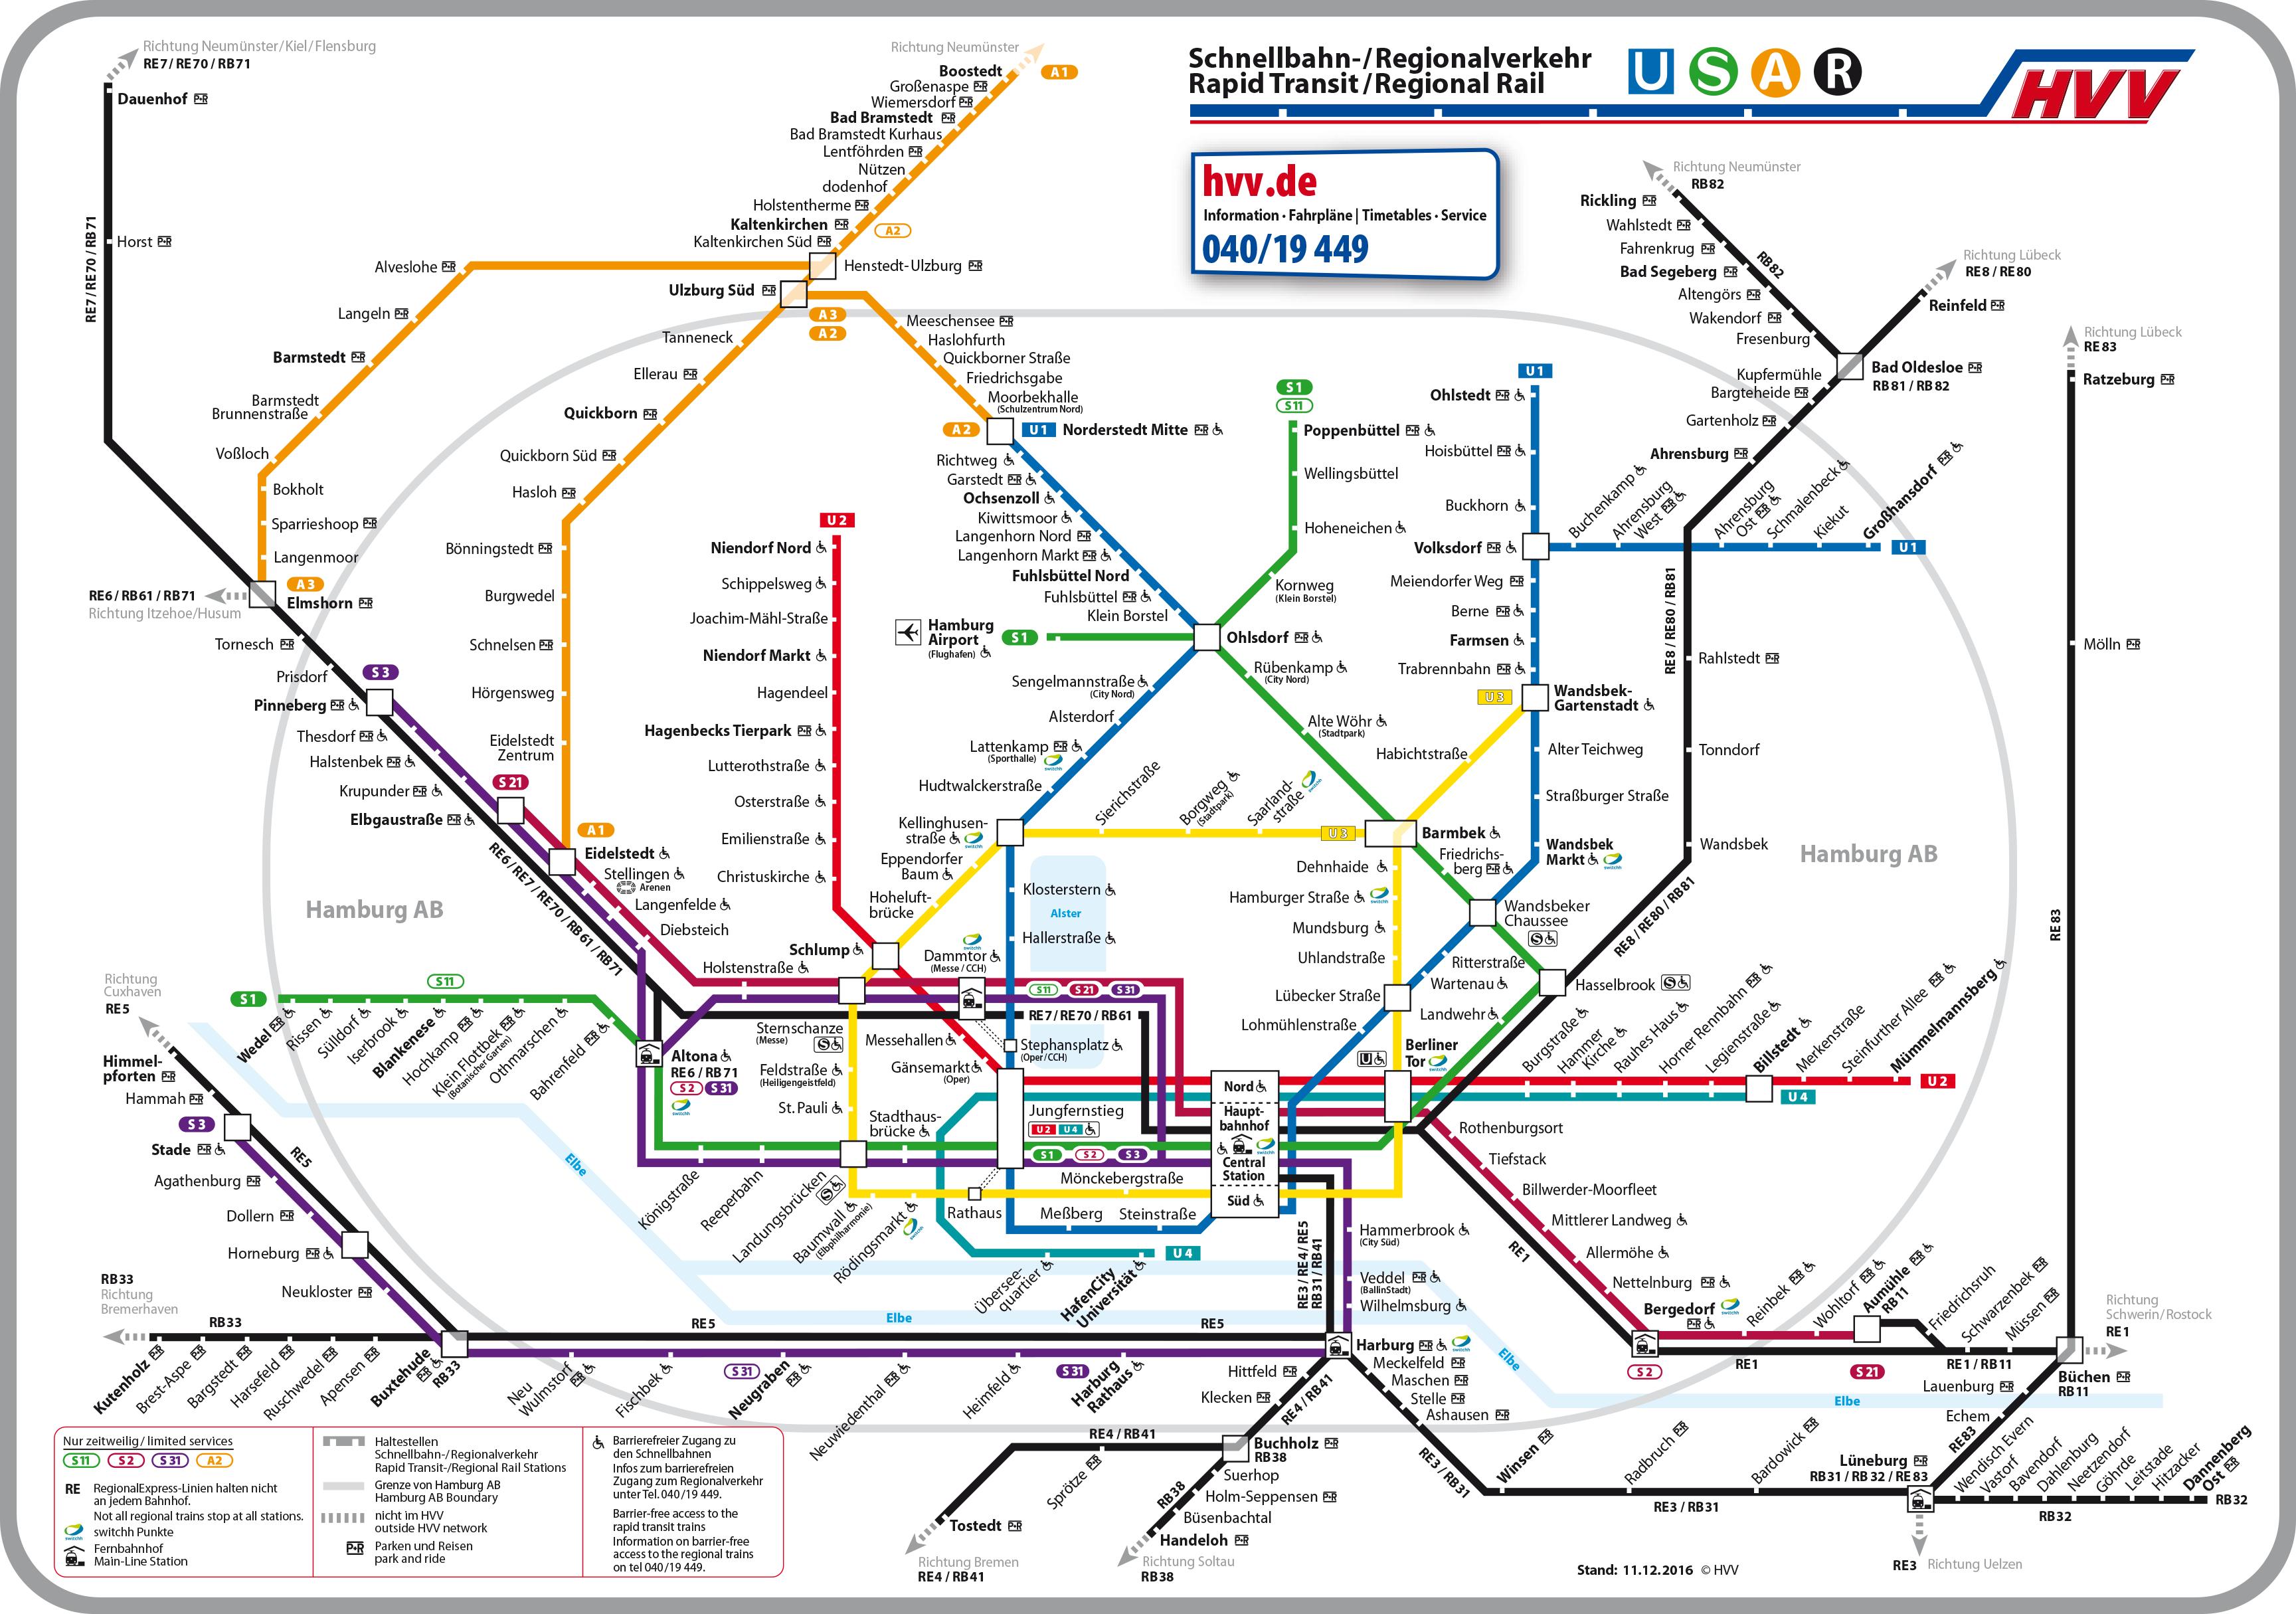 Hvv Karte Zonen.Hamburger Verkehrsverbund Hamburg Tourist Info